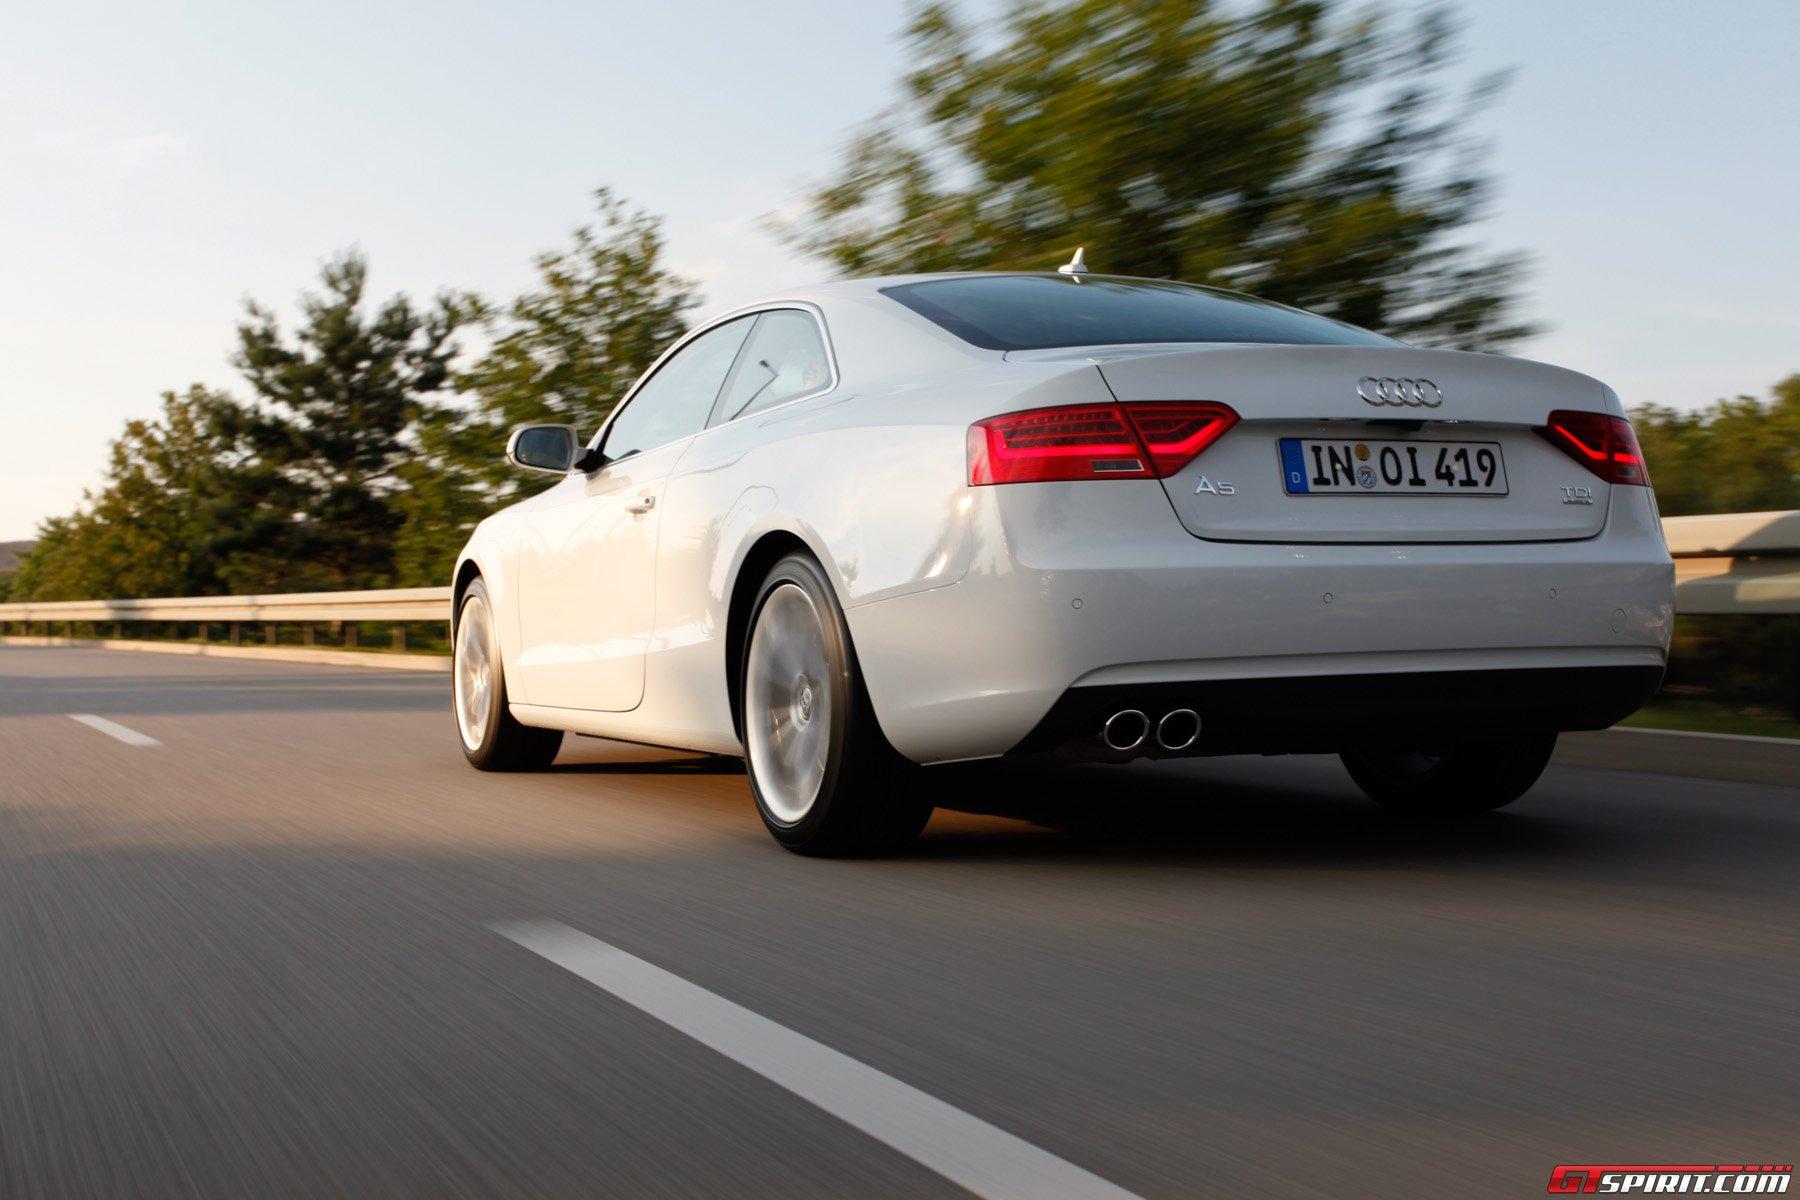 Kelebihan Kekurangan Audi A5 2013 Top Model Tahun Ini